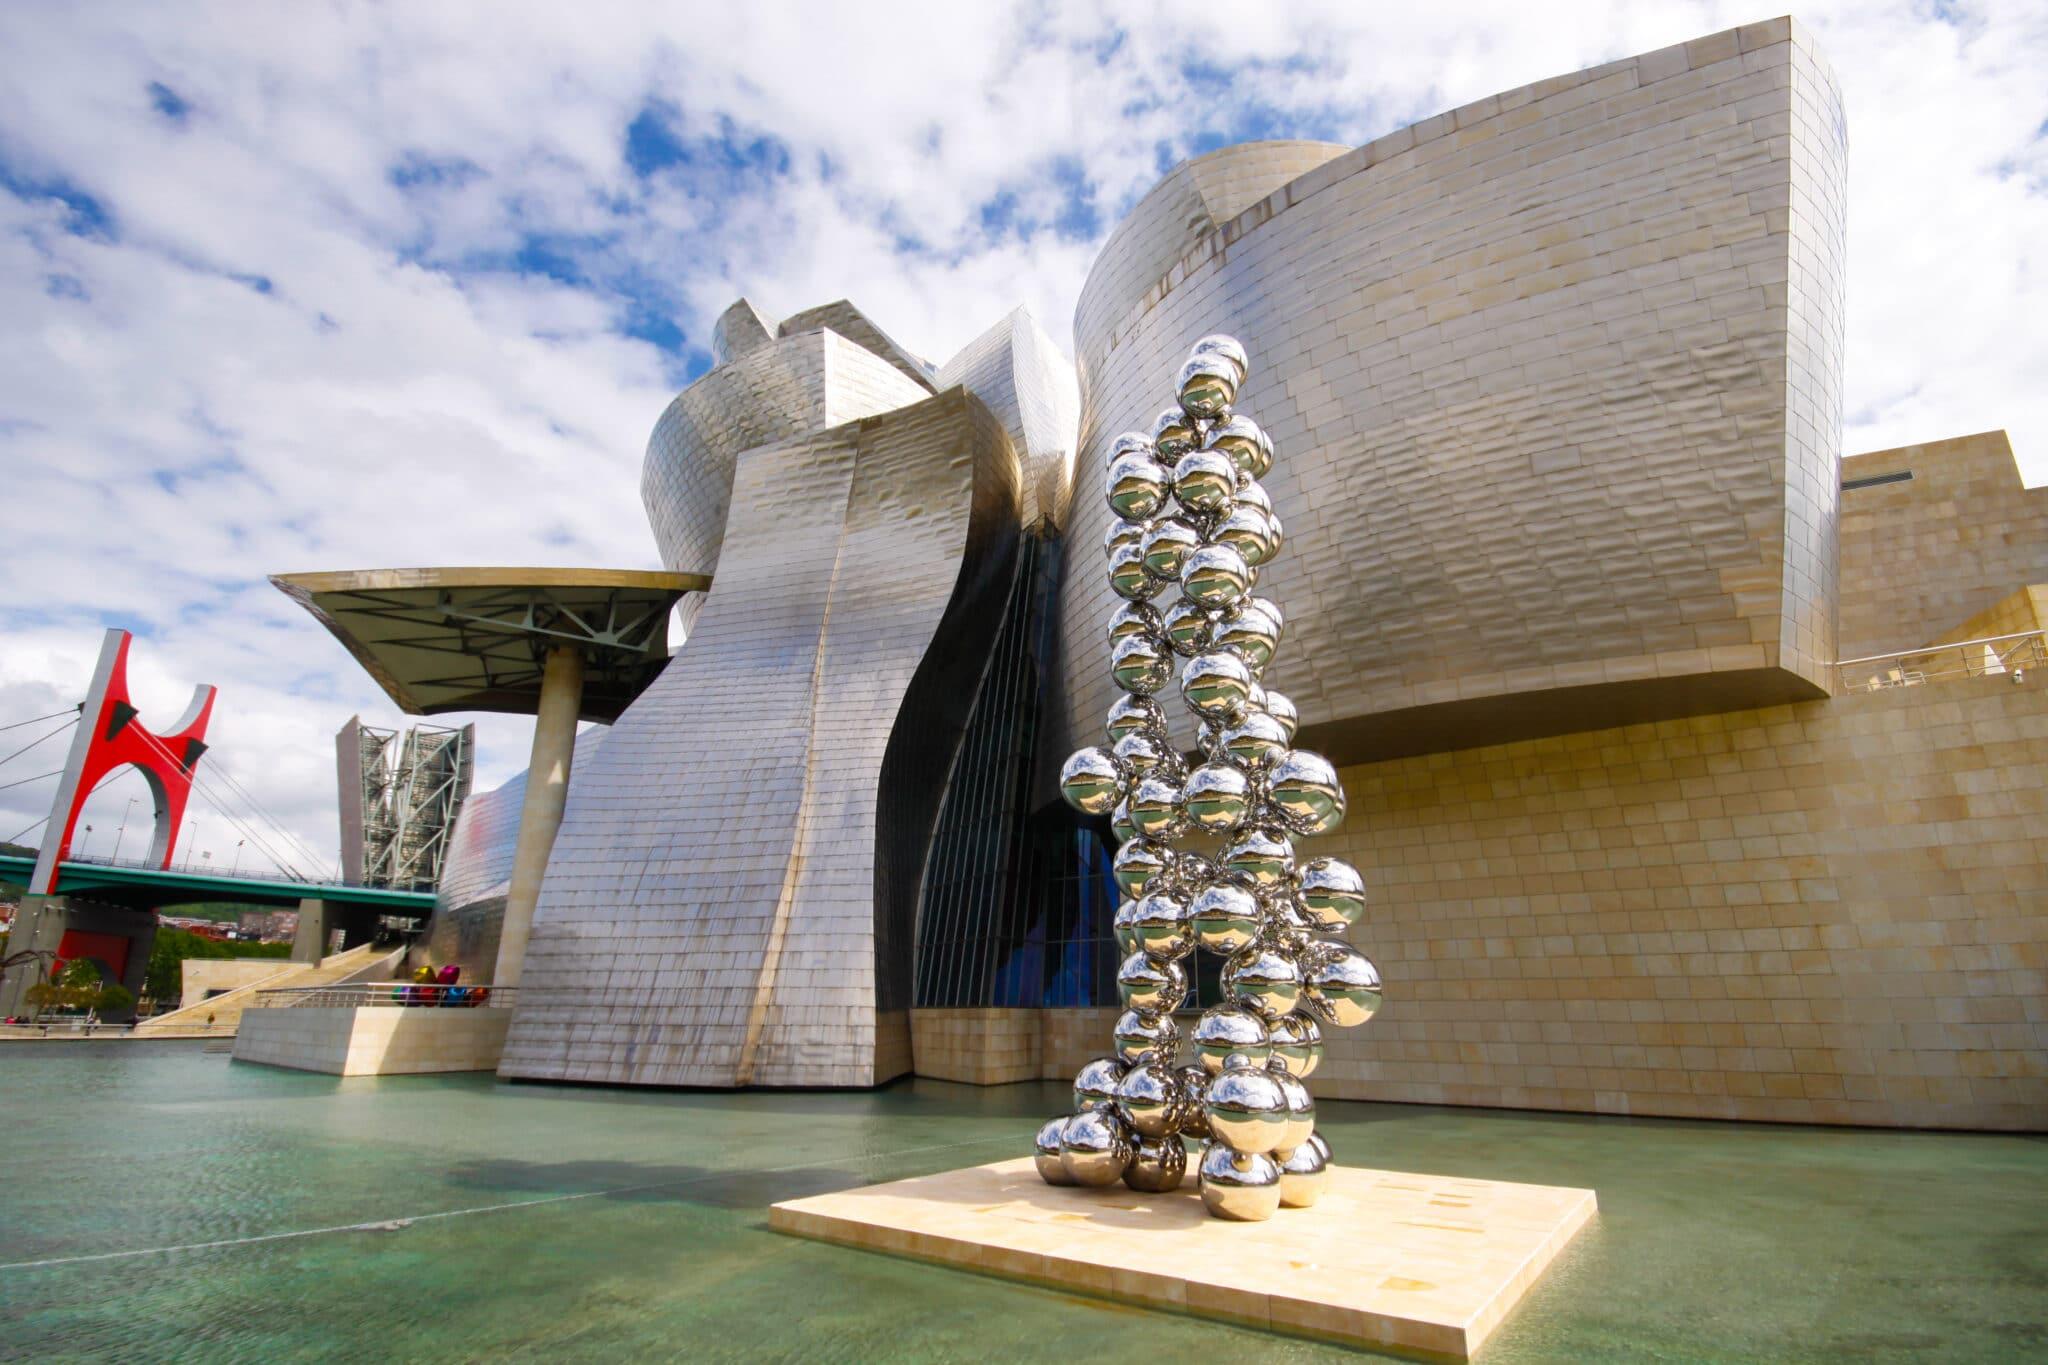 Exterior of Guggenheim museum in Bilbao, Basque, Spain